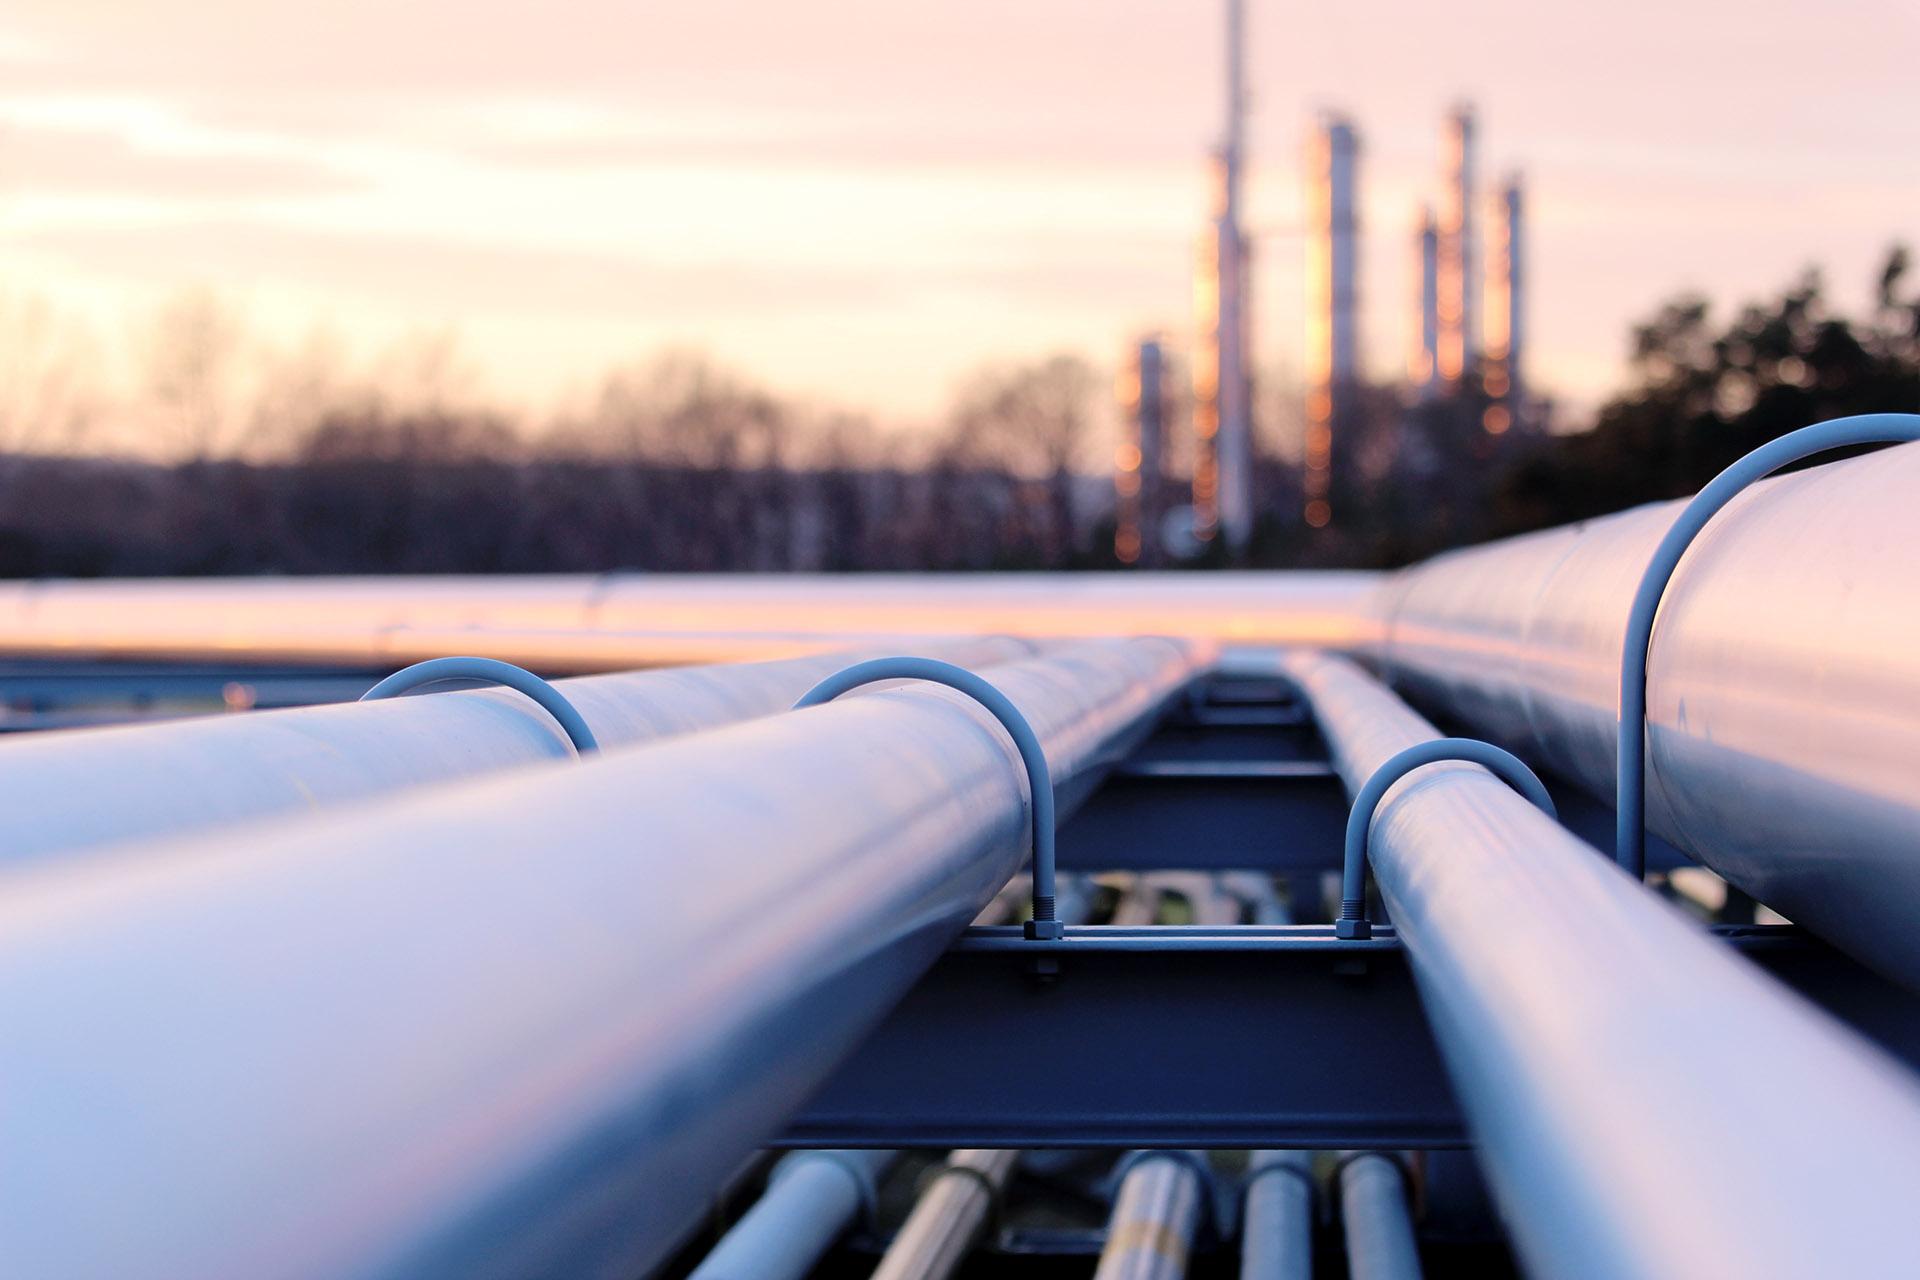 Apparecchiature soggette al controllo stabilito dalla normativa sui gas fluorurati ad effetto serra (F-GAS).